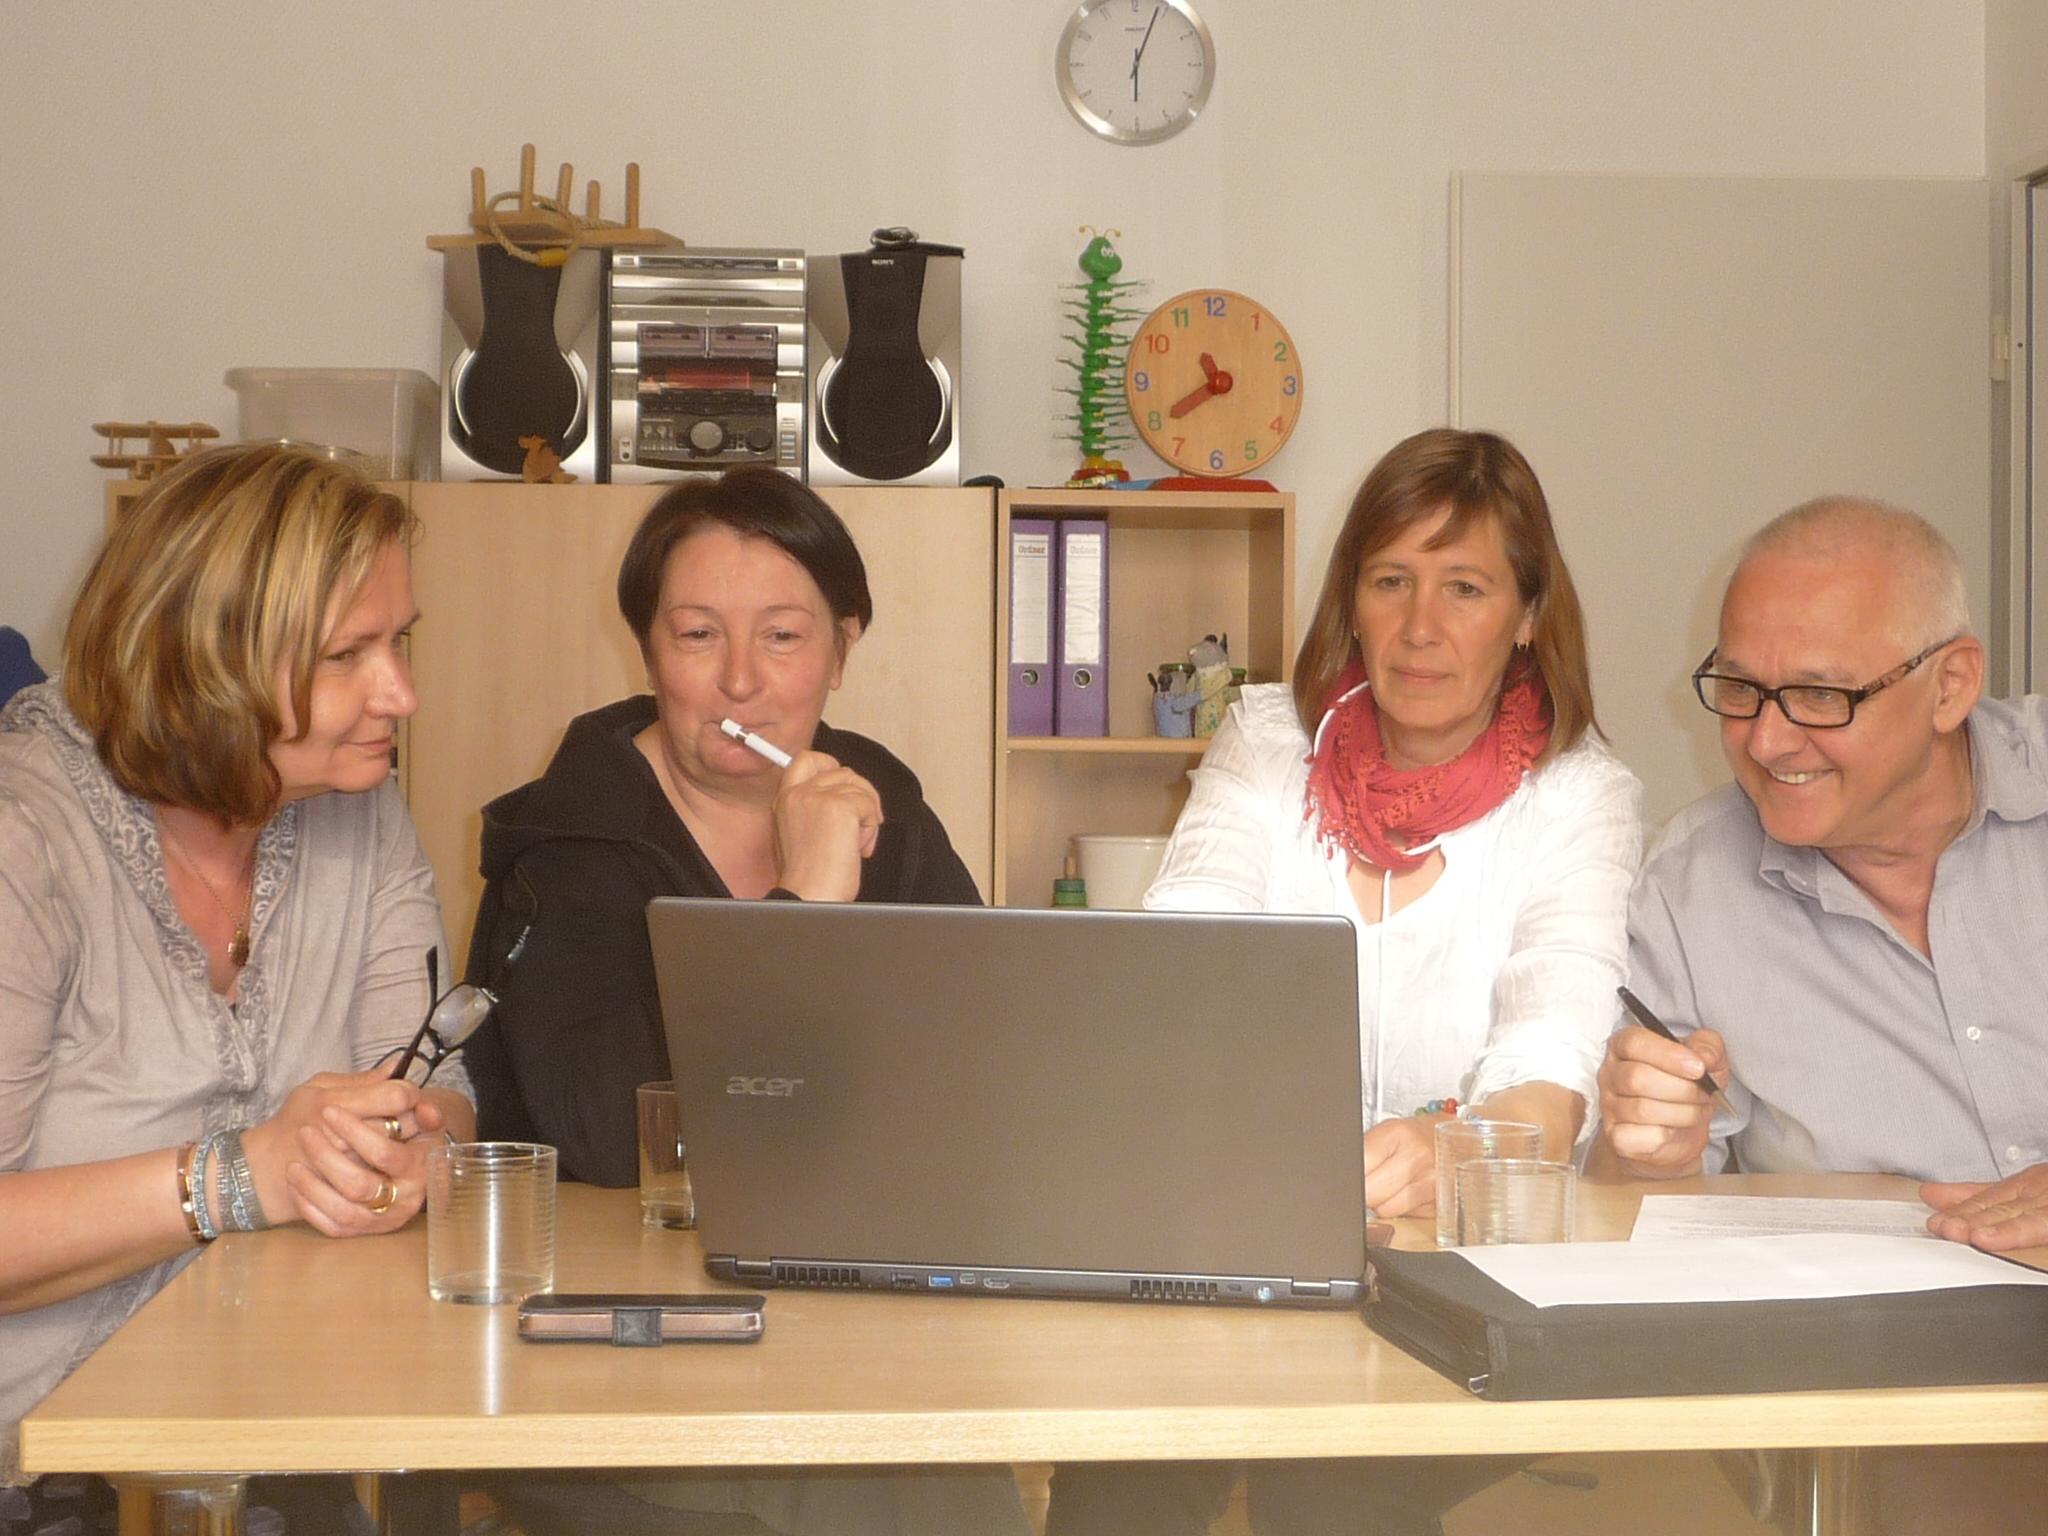 Sitzung in Bochum im April 2015 mit Bettina Paris (2.v.l.)